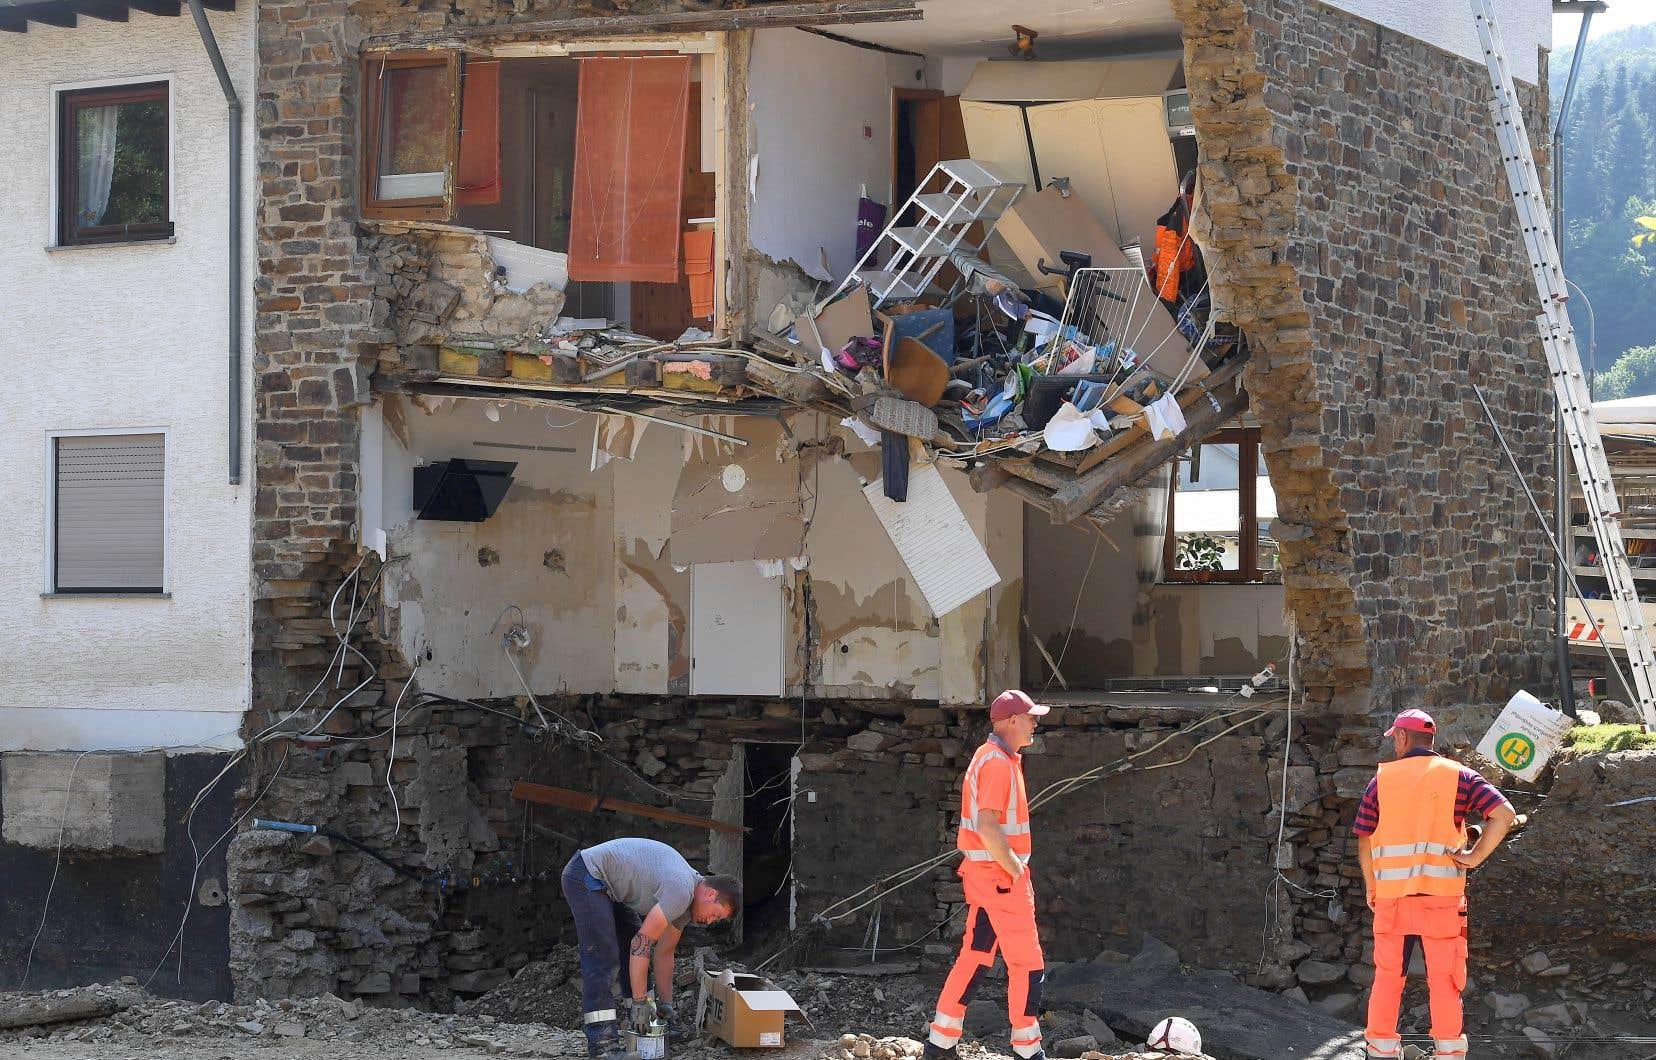 Des travailleurs constataient mardi les dégâts sur une maison en Rhineland-Palatinate, en Allemagne.